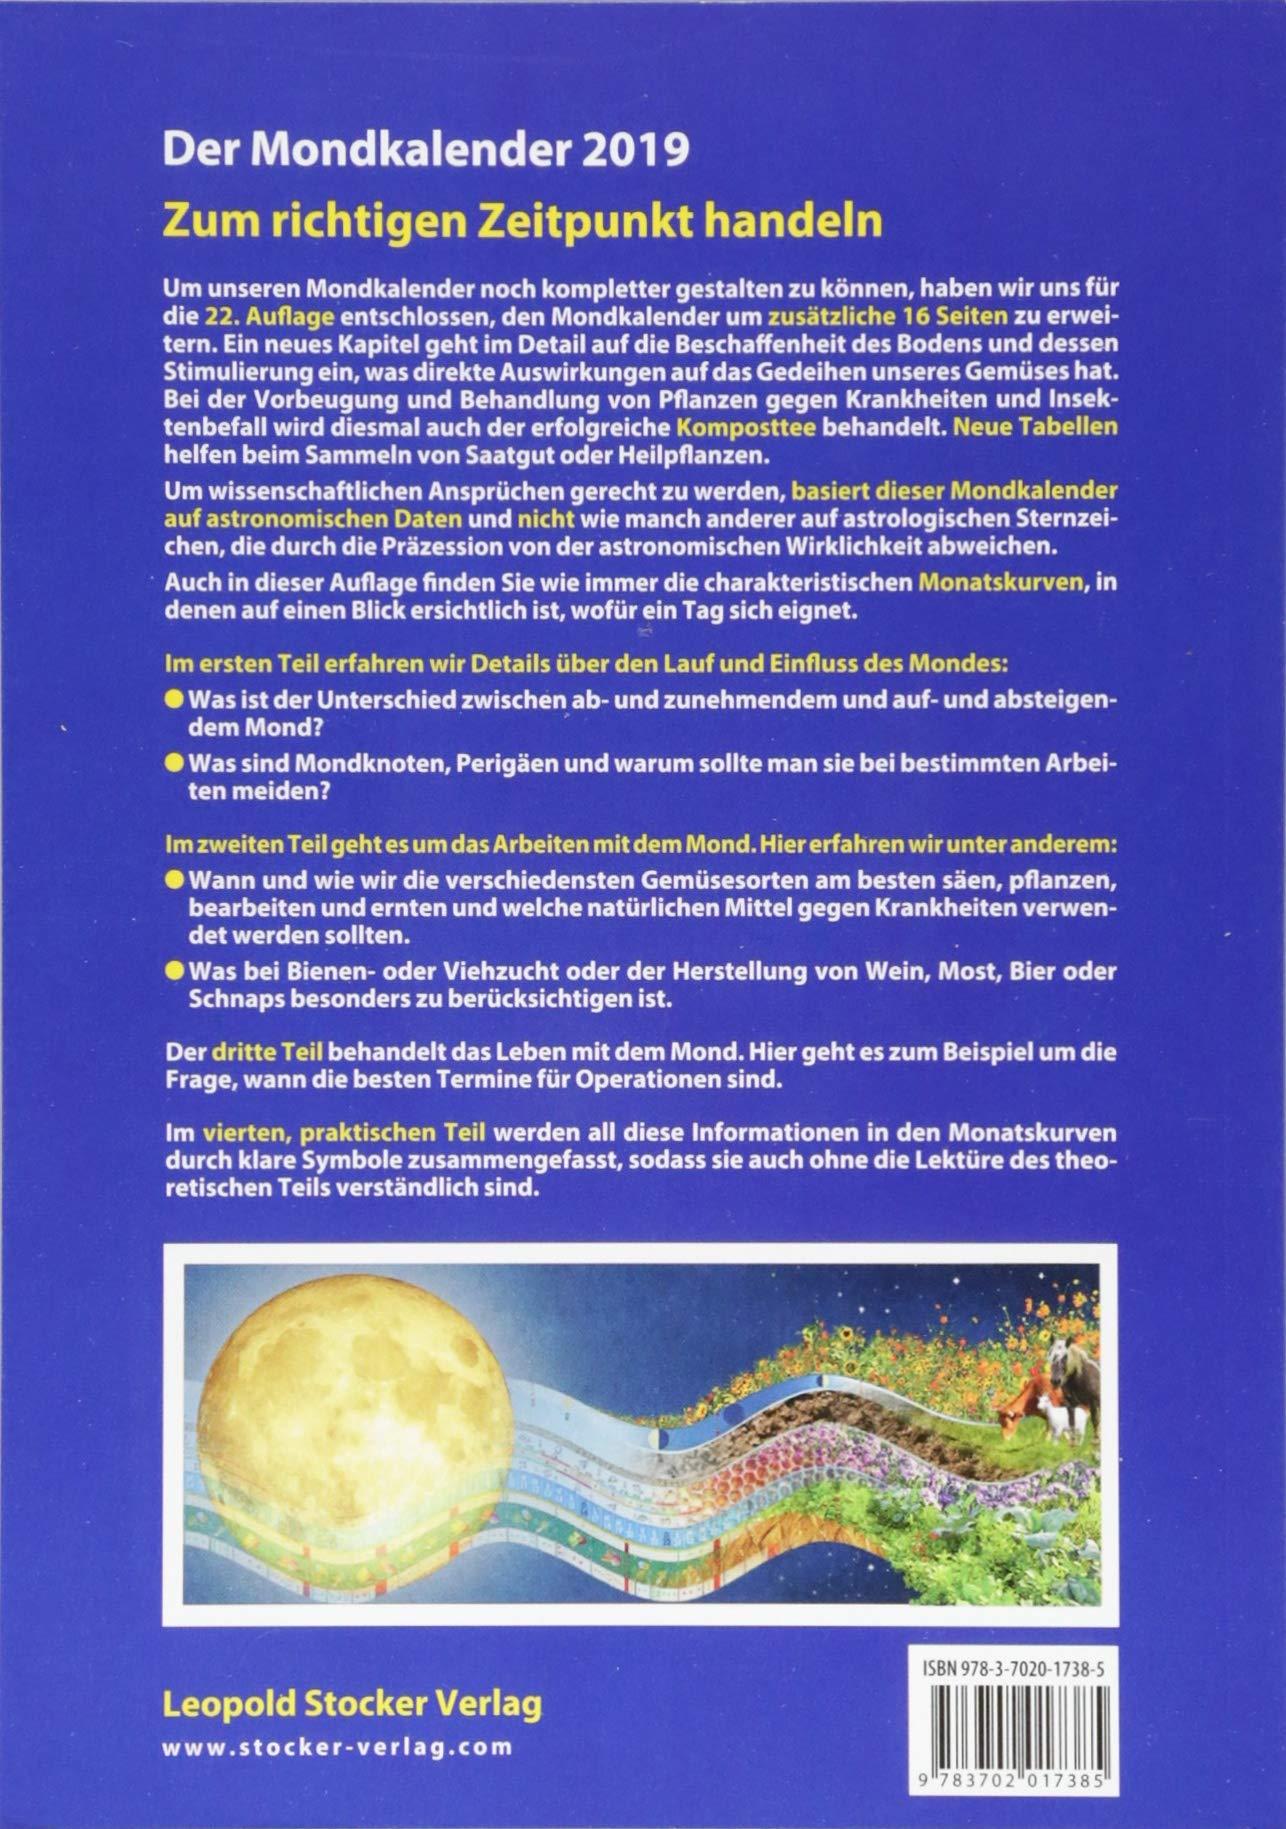 Mit Dem Mond Durchs Gartenjahr 2019 Leben Und Arbeiten In Harmonie